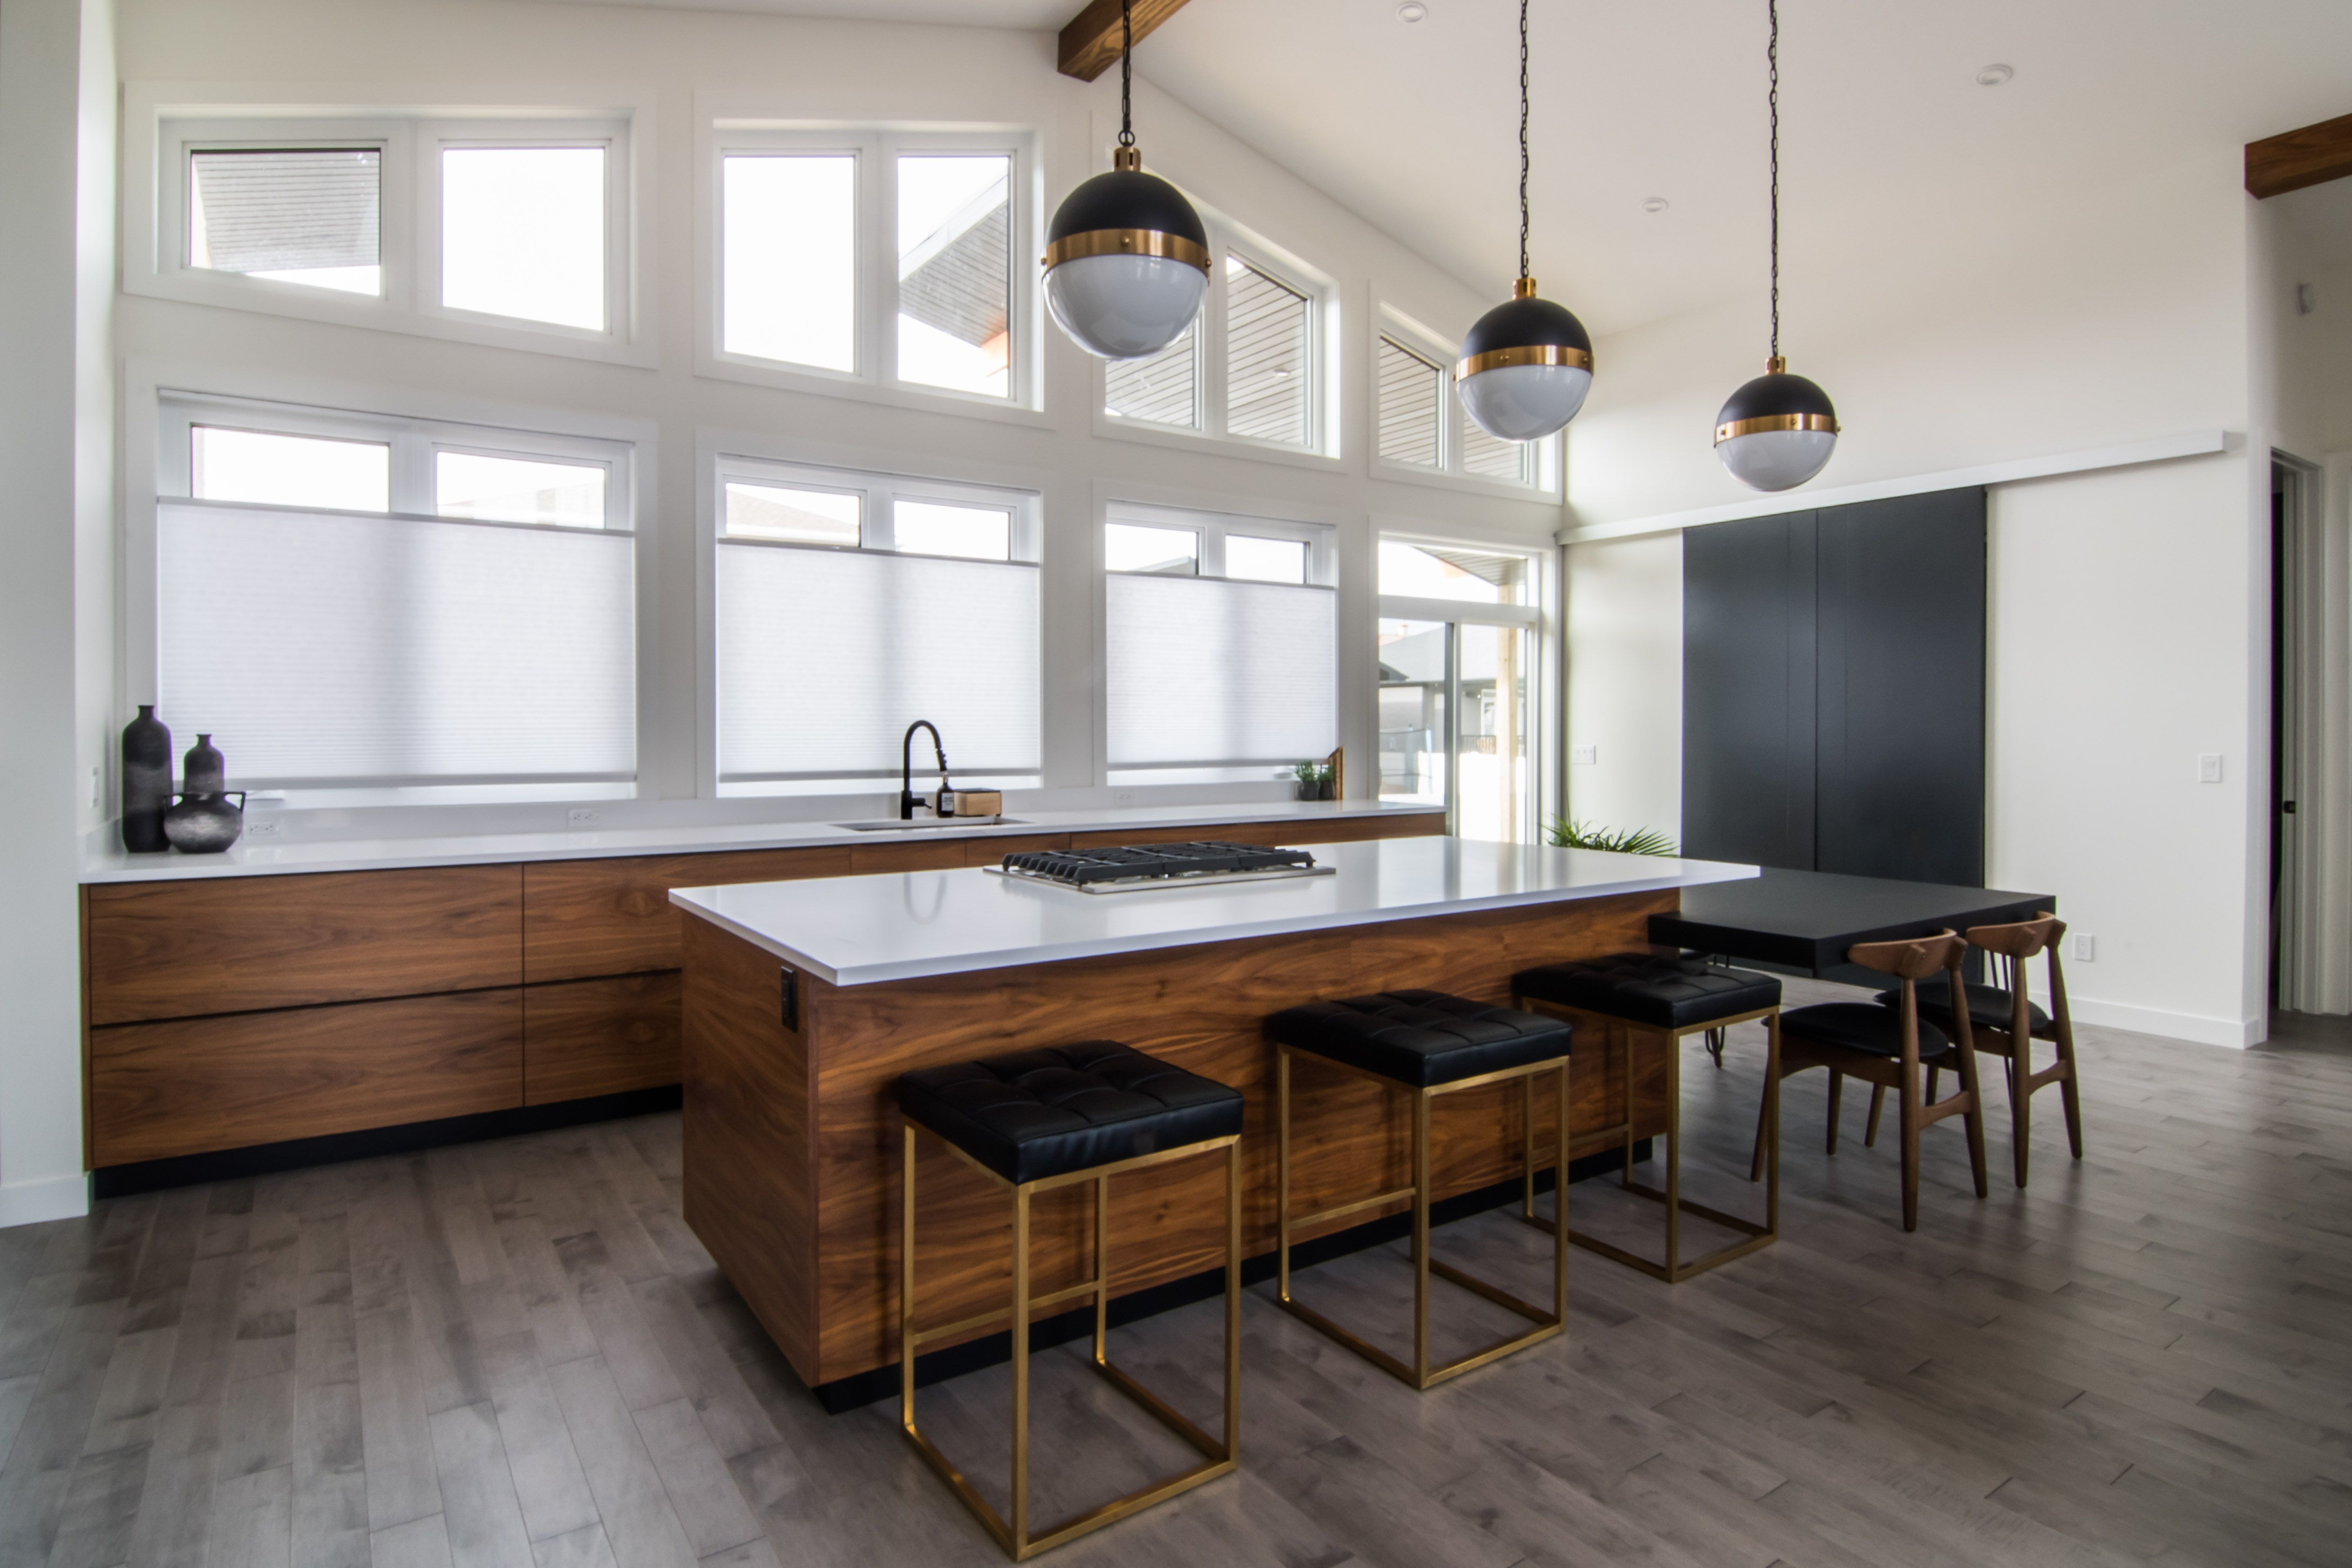 Best Mid Century Modern Walnut Kitchen Minimal At Its Best 400 x 300